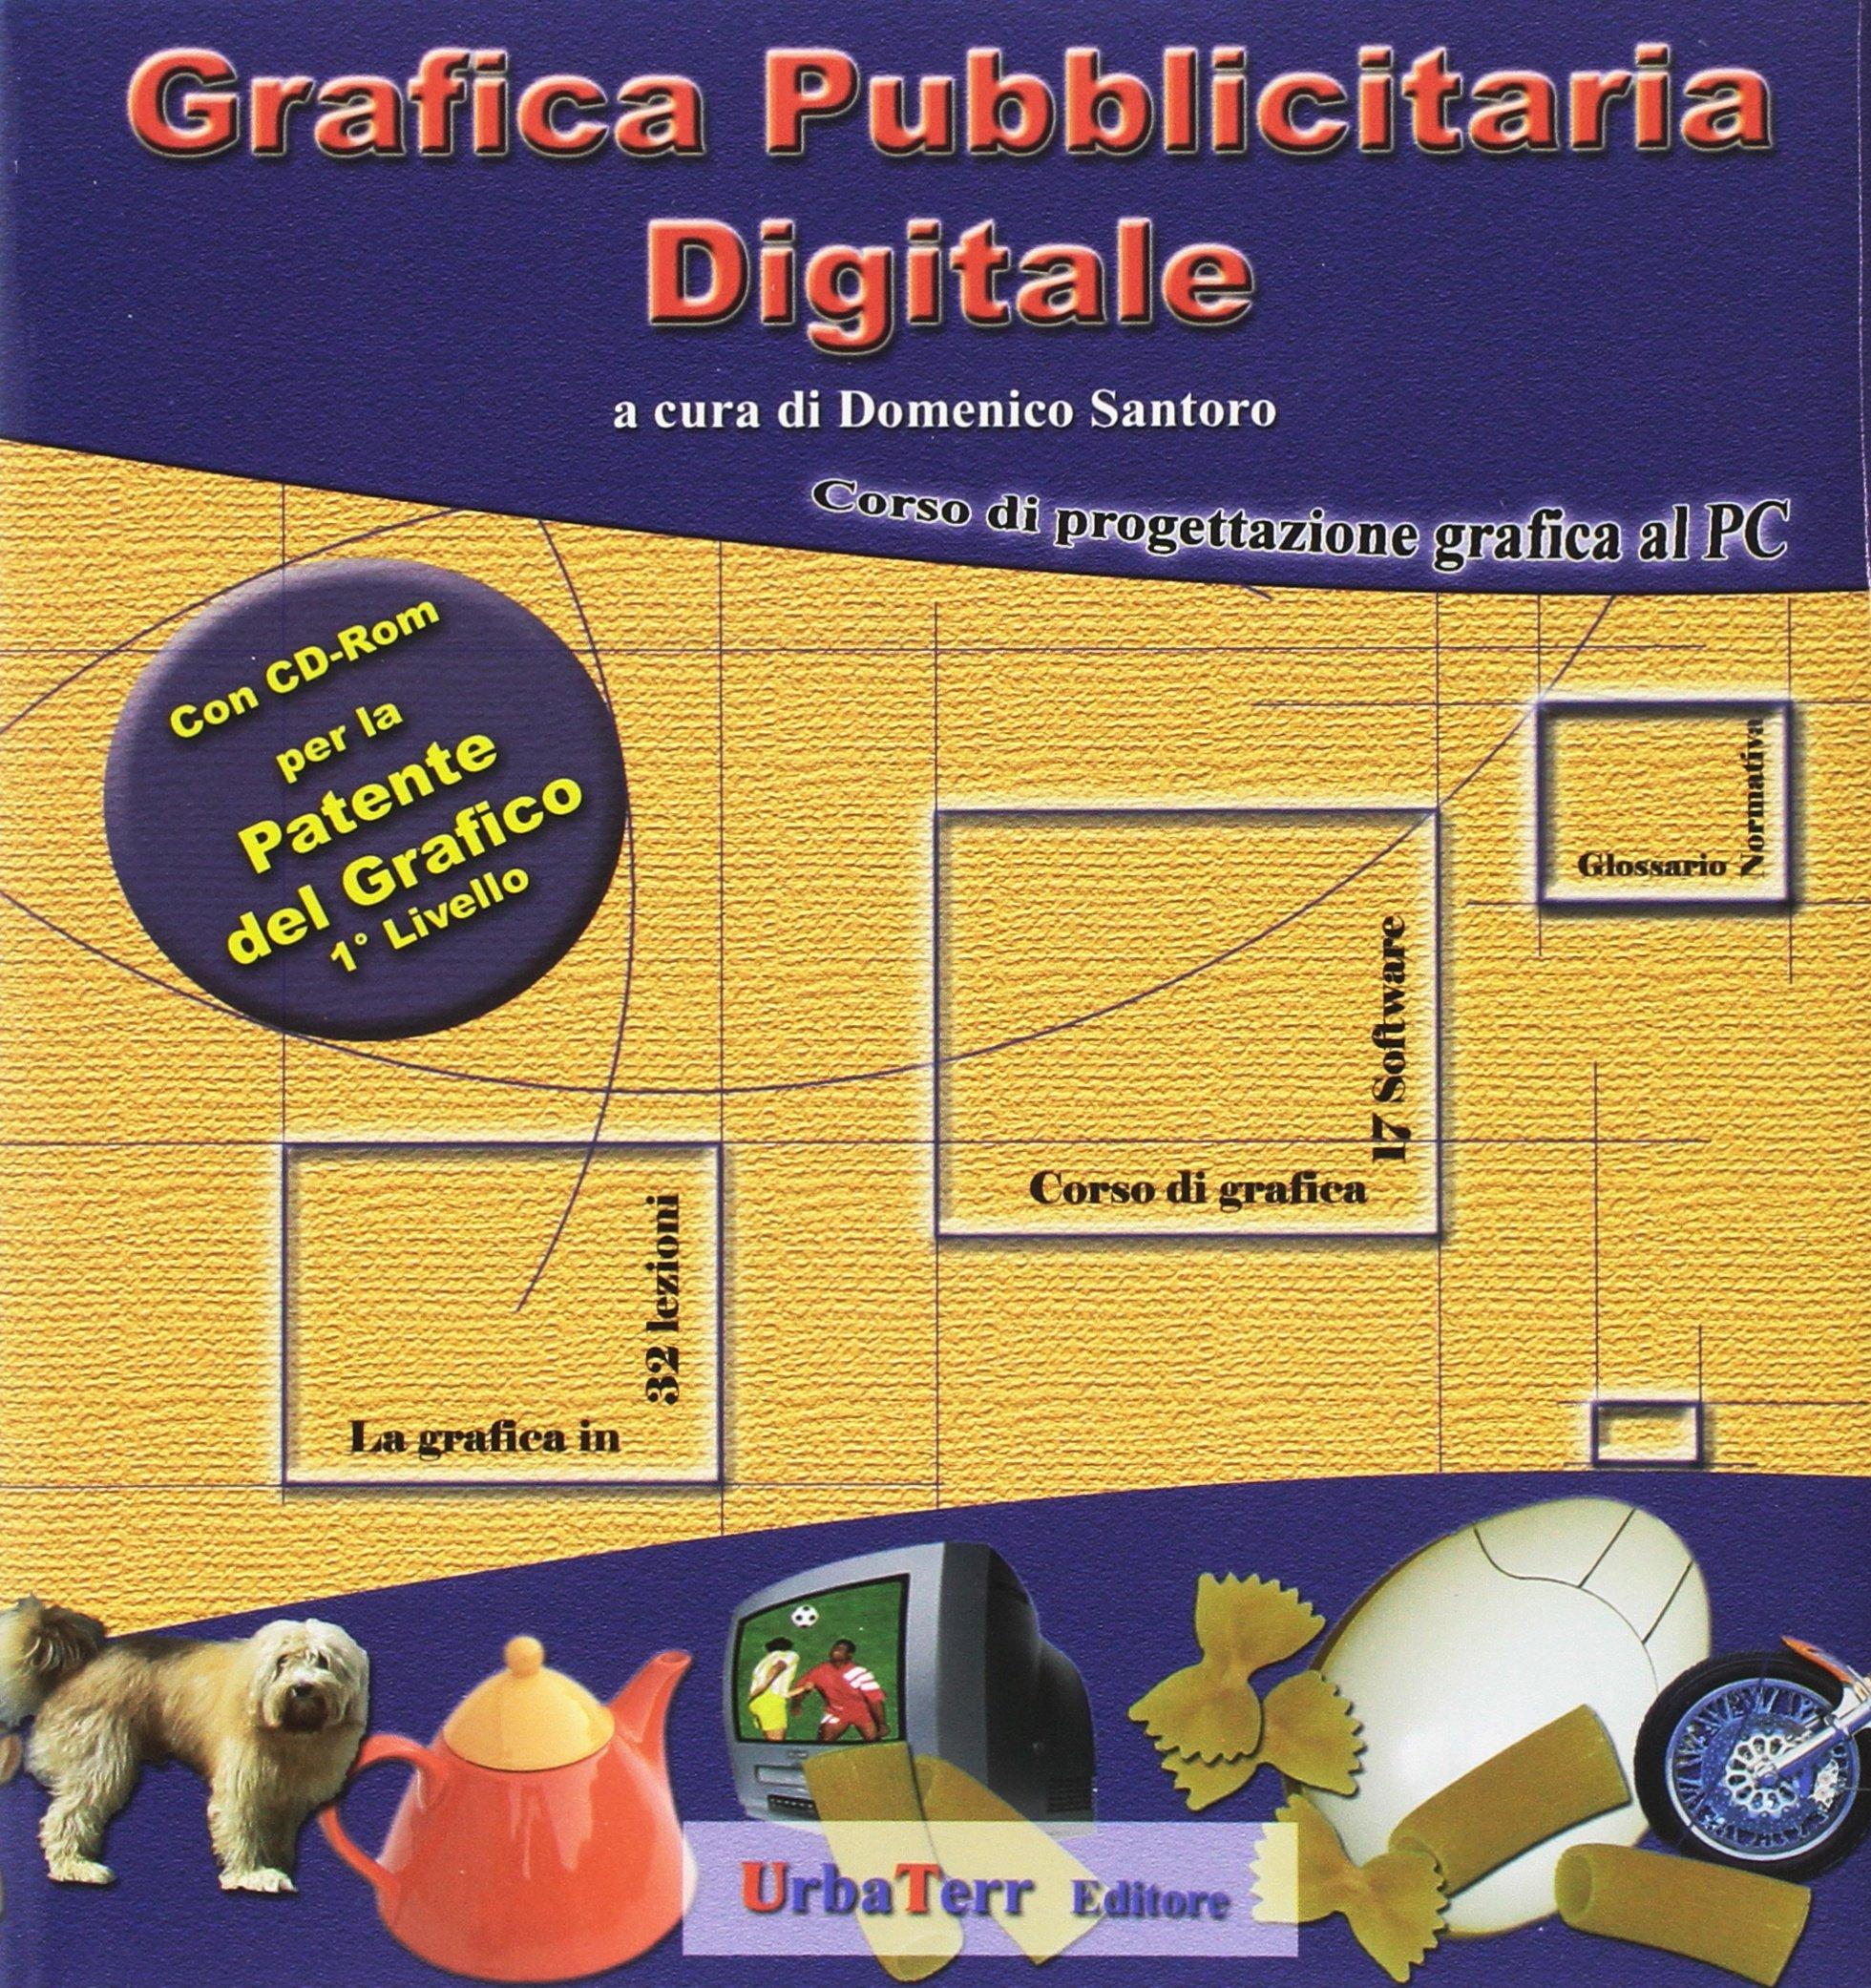 Grafica pubblicitaria digitale. Corso di progettazione grafica al PC. Con CD-ROM. ebook